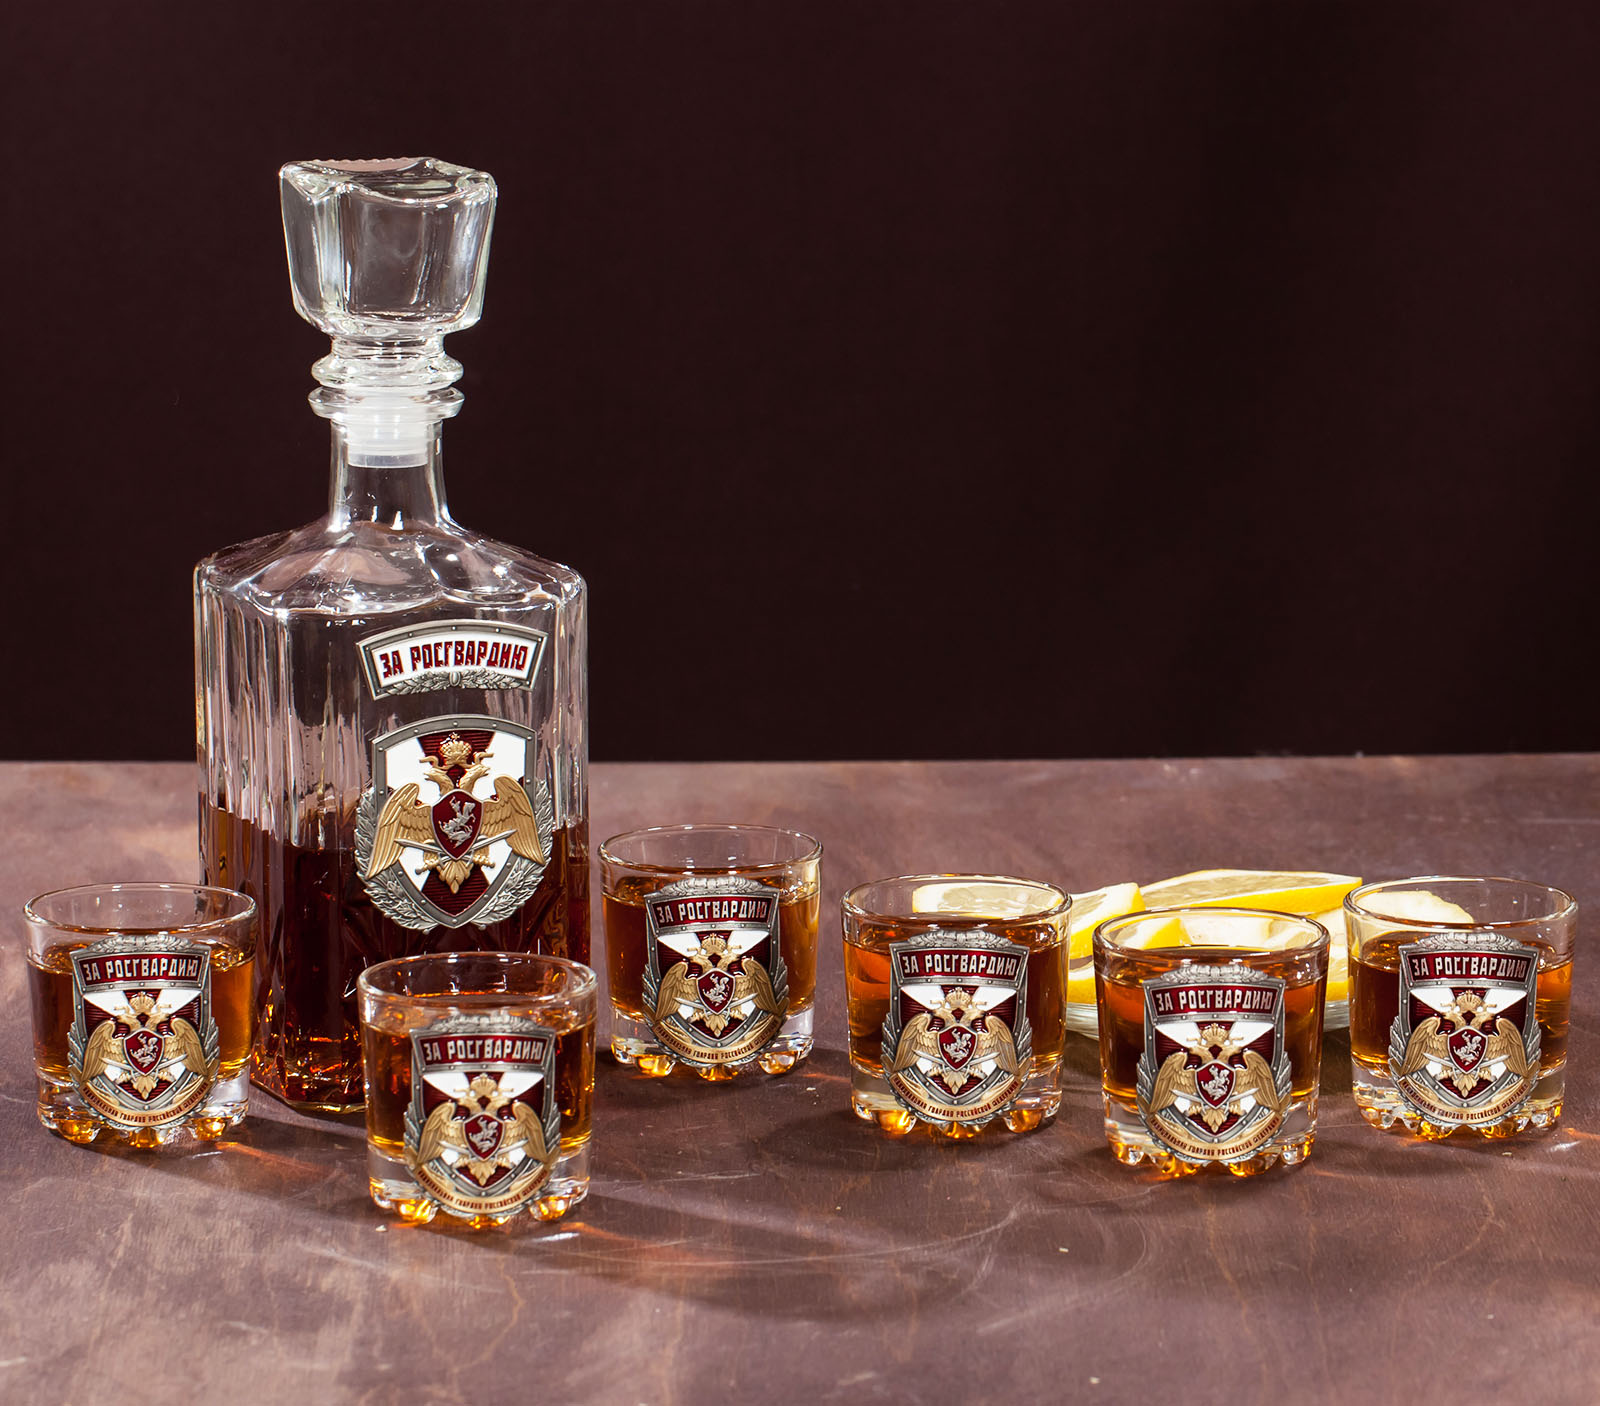 Стильные наборы для крепких напитков по цене производителя